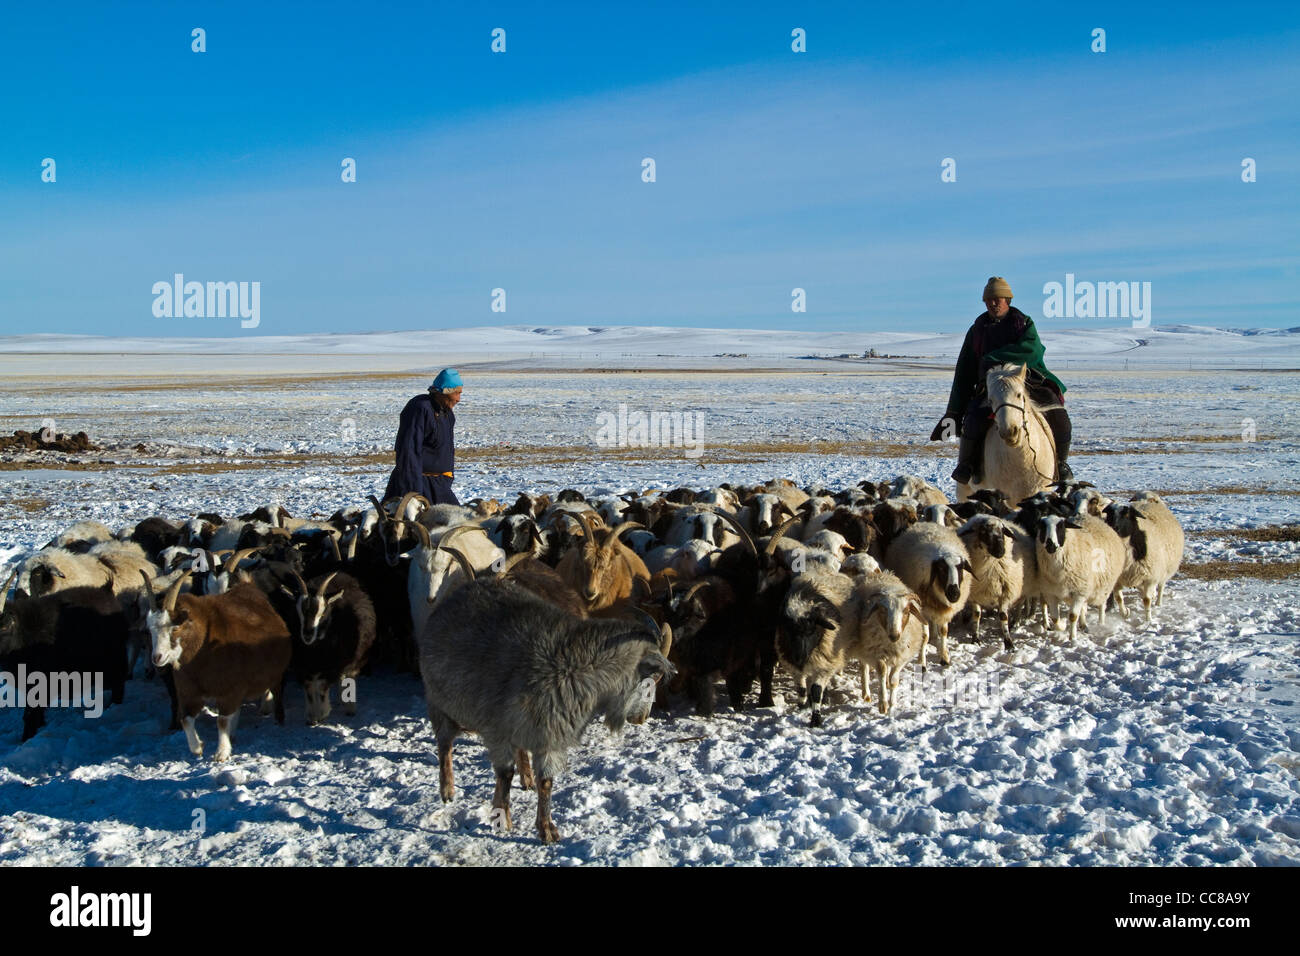 Herders in Karakoram Mongolia - Stock Image